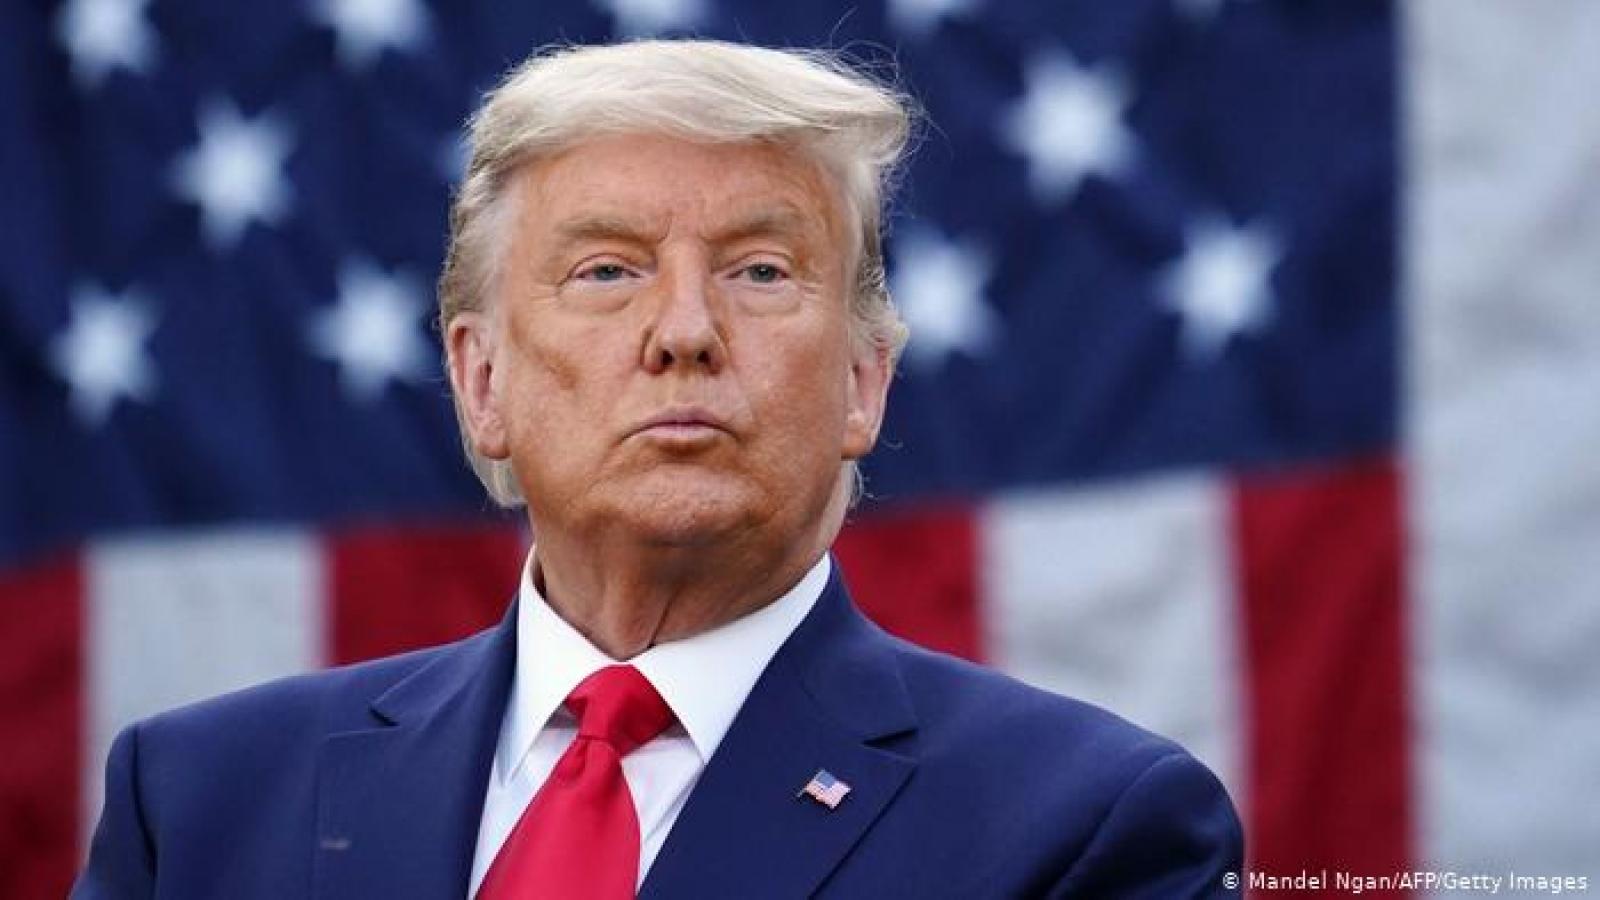 Gần 50% thành viên đảng Cộng hòa sẽ tham gia đảng mới nếu ông Trump thành lập